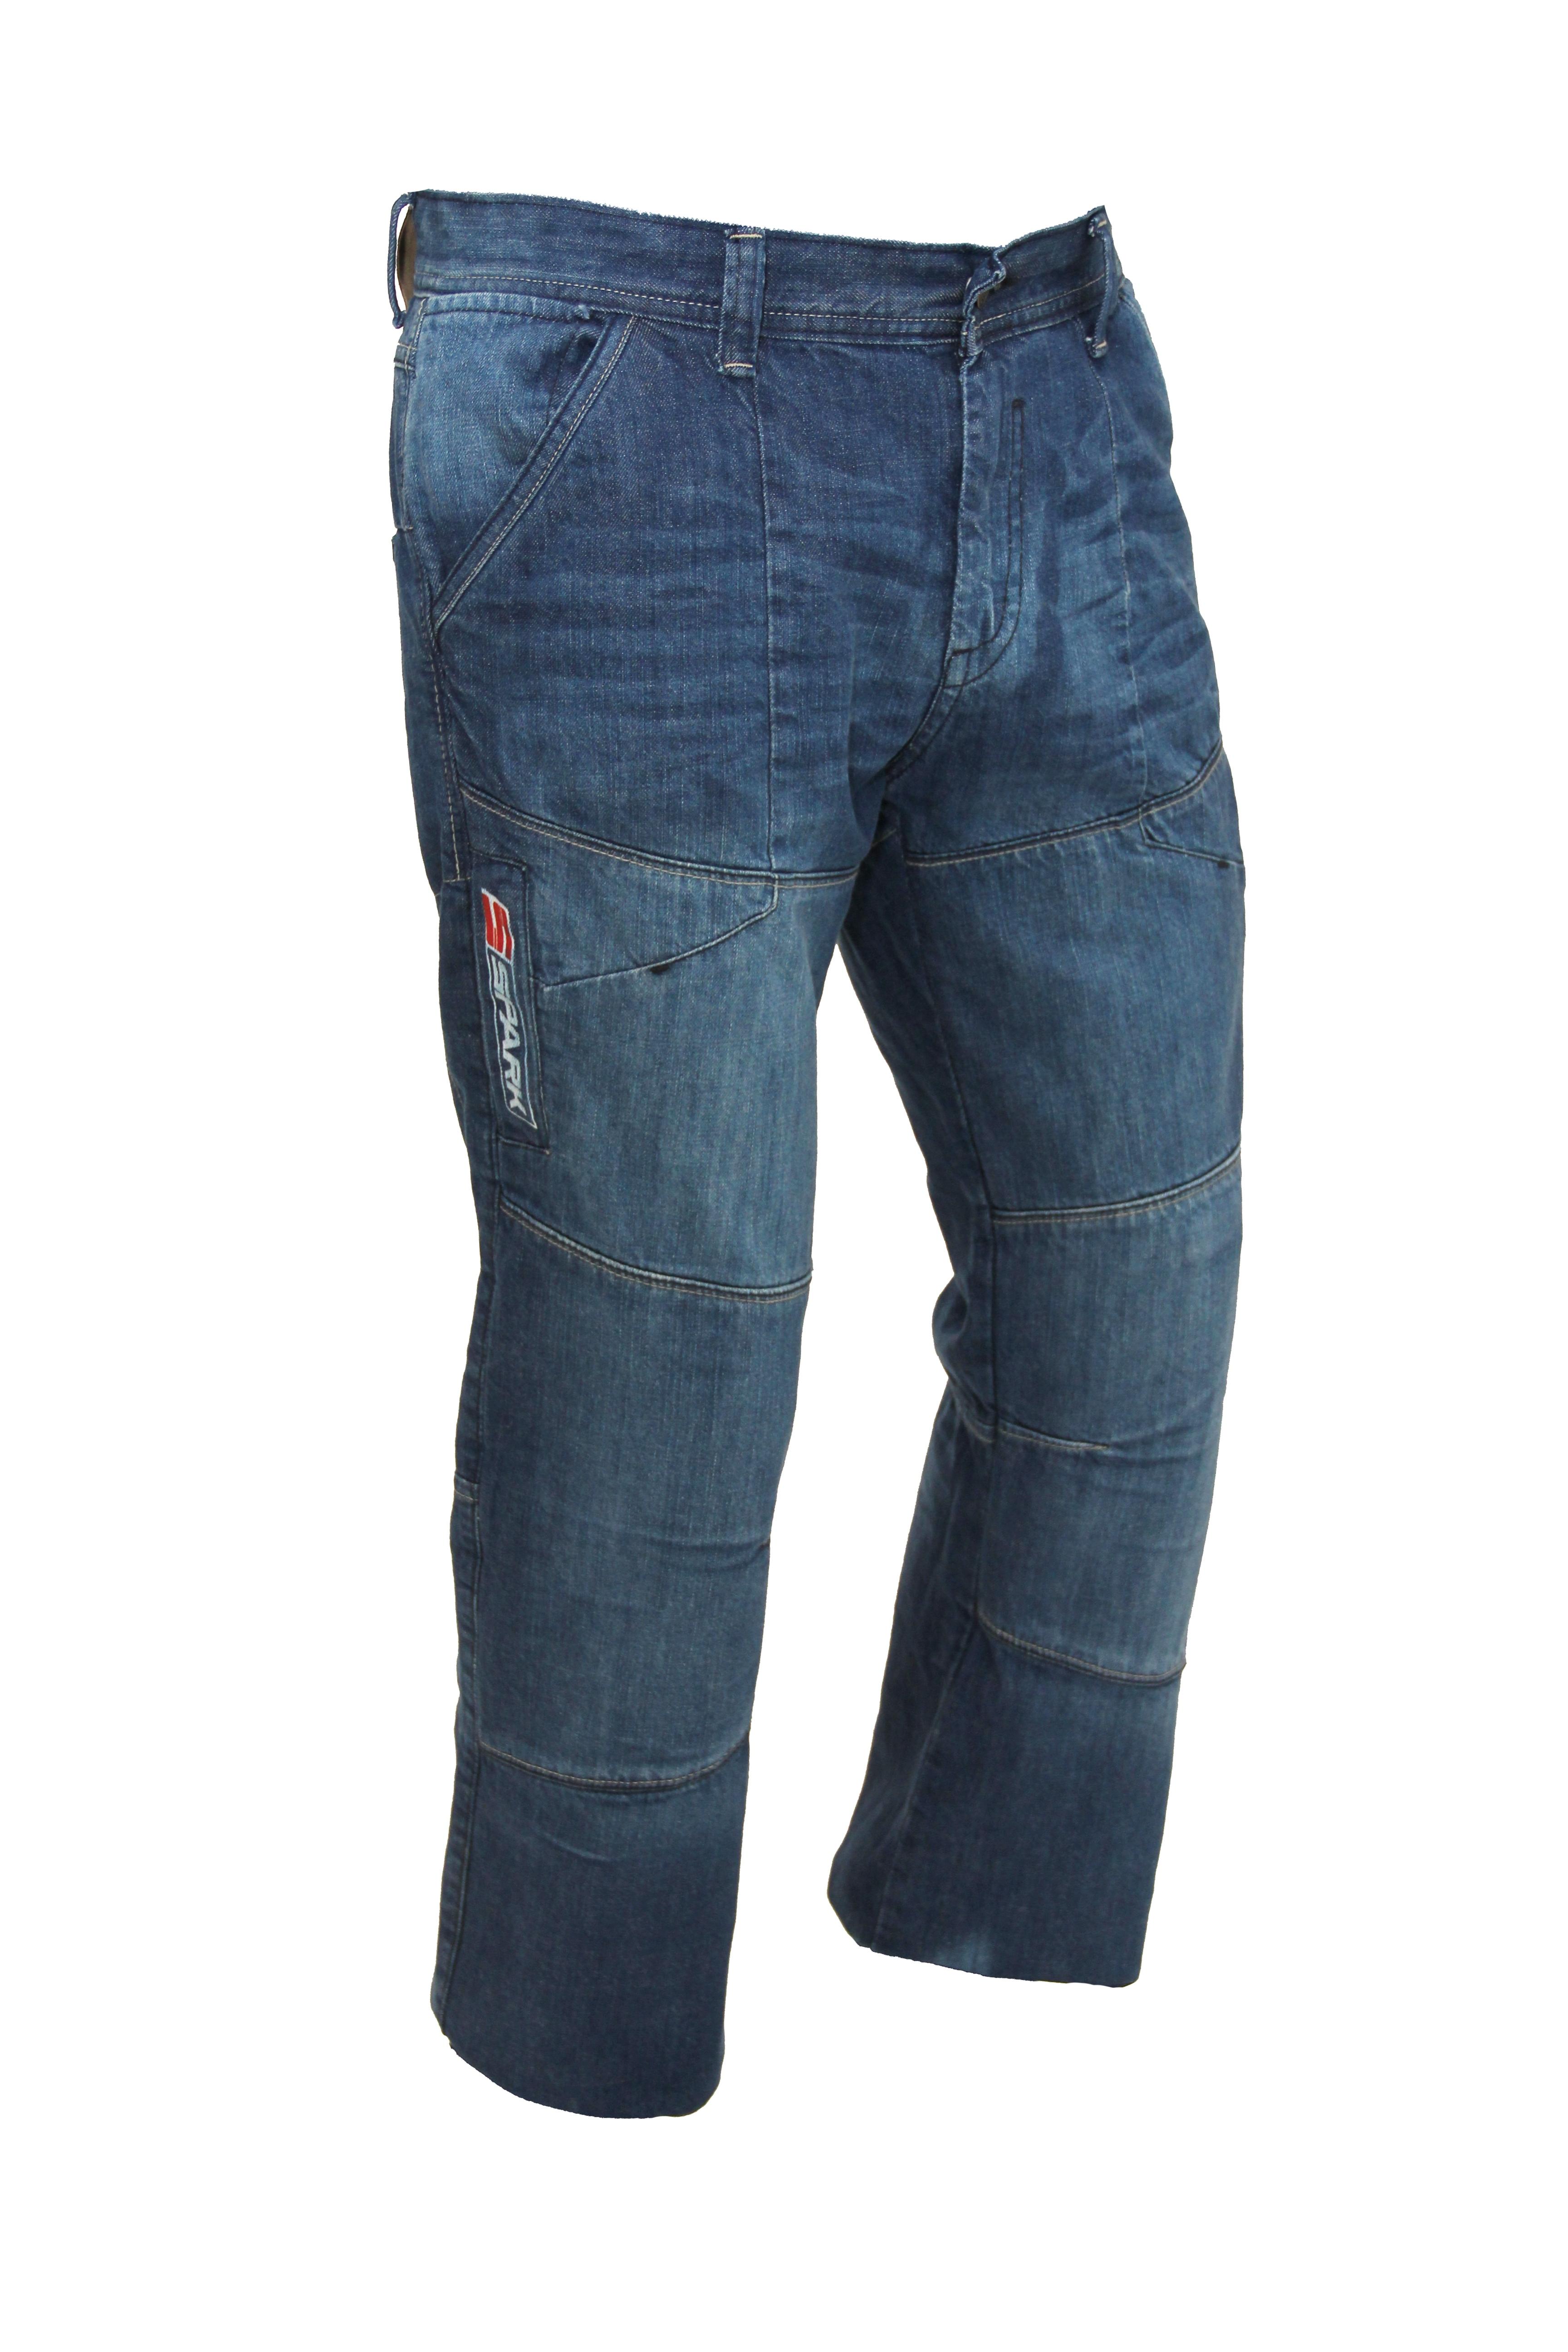 Pánské džínové moto kalhoty SPARK METRO, modré